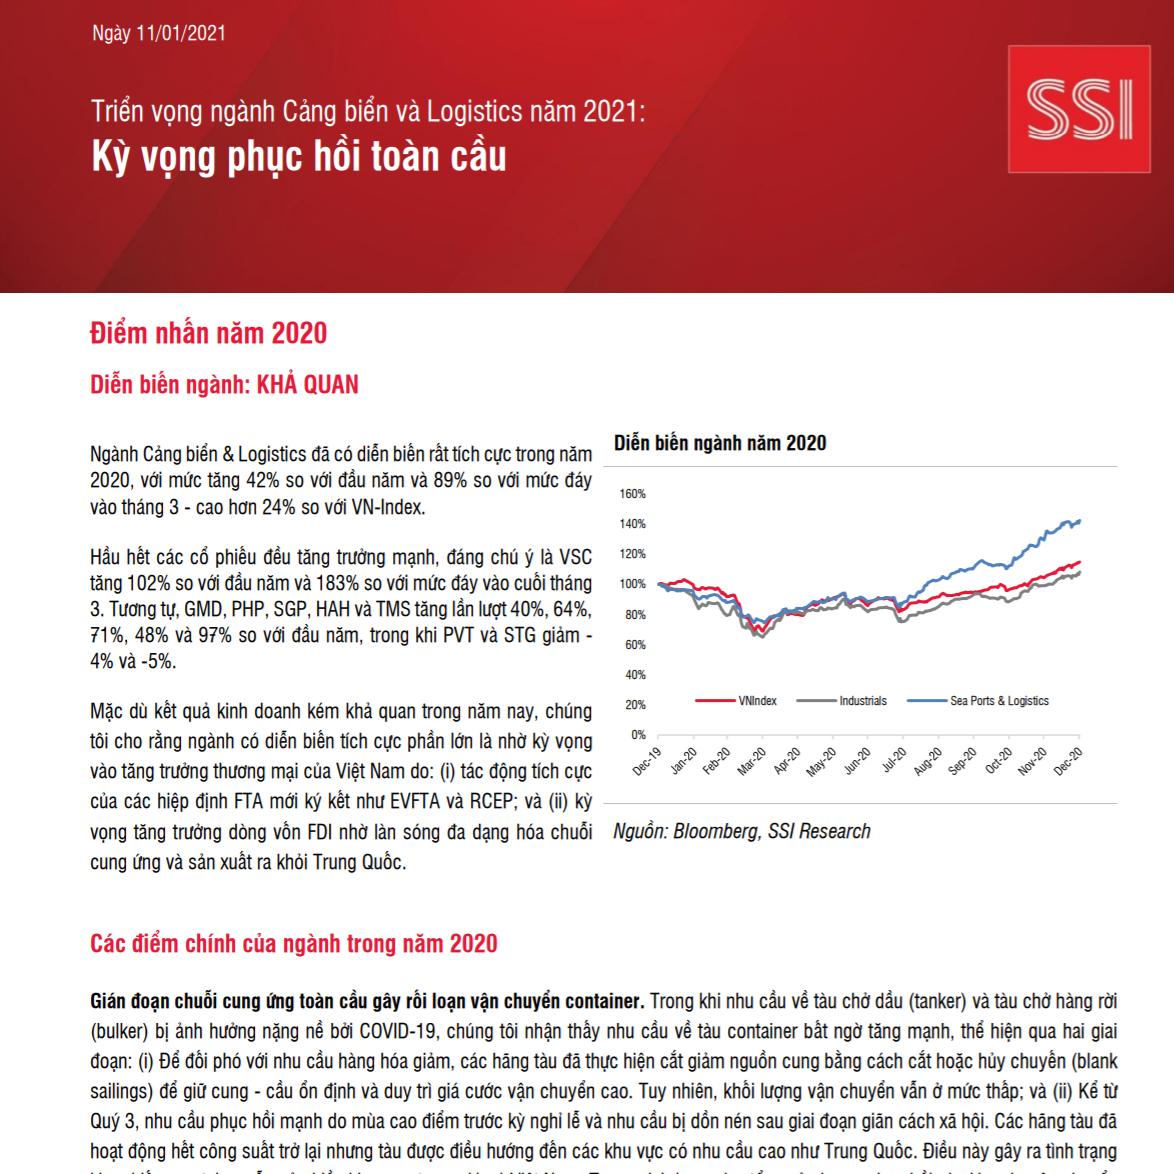 SSI Research: Triển vọng ngành cảng biển và logistics năm 2021 - Kỳ vọng phục hồi toàn cầu